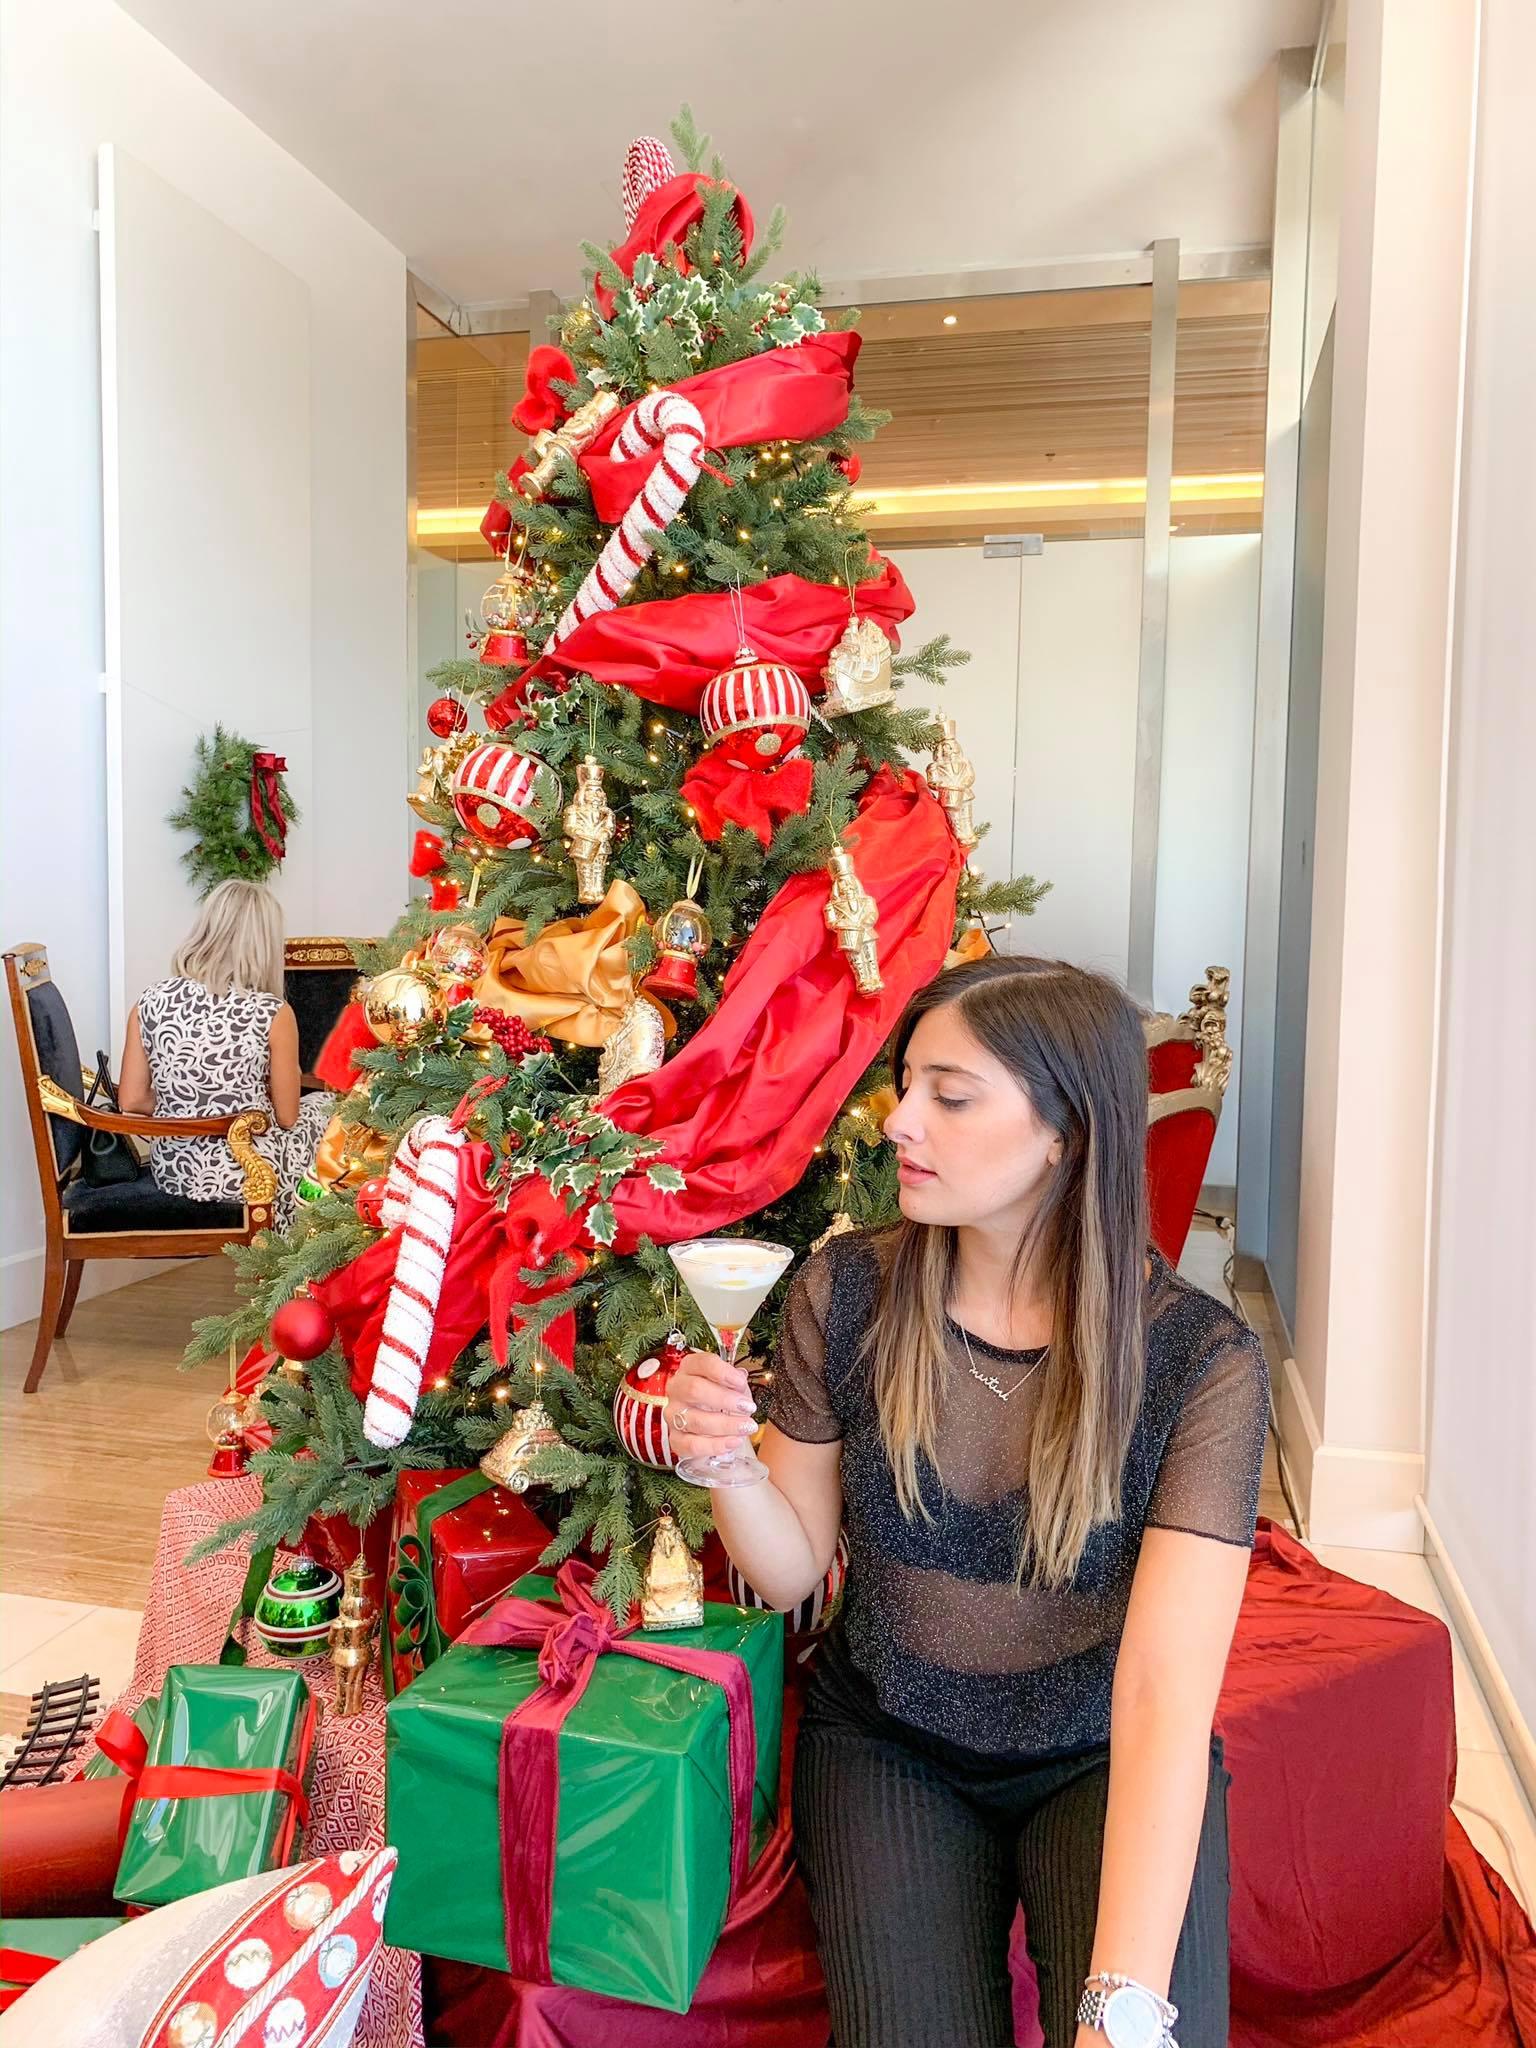 albero di natale e regali